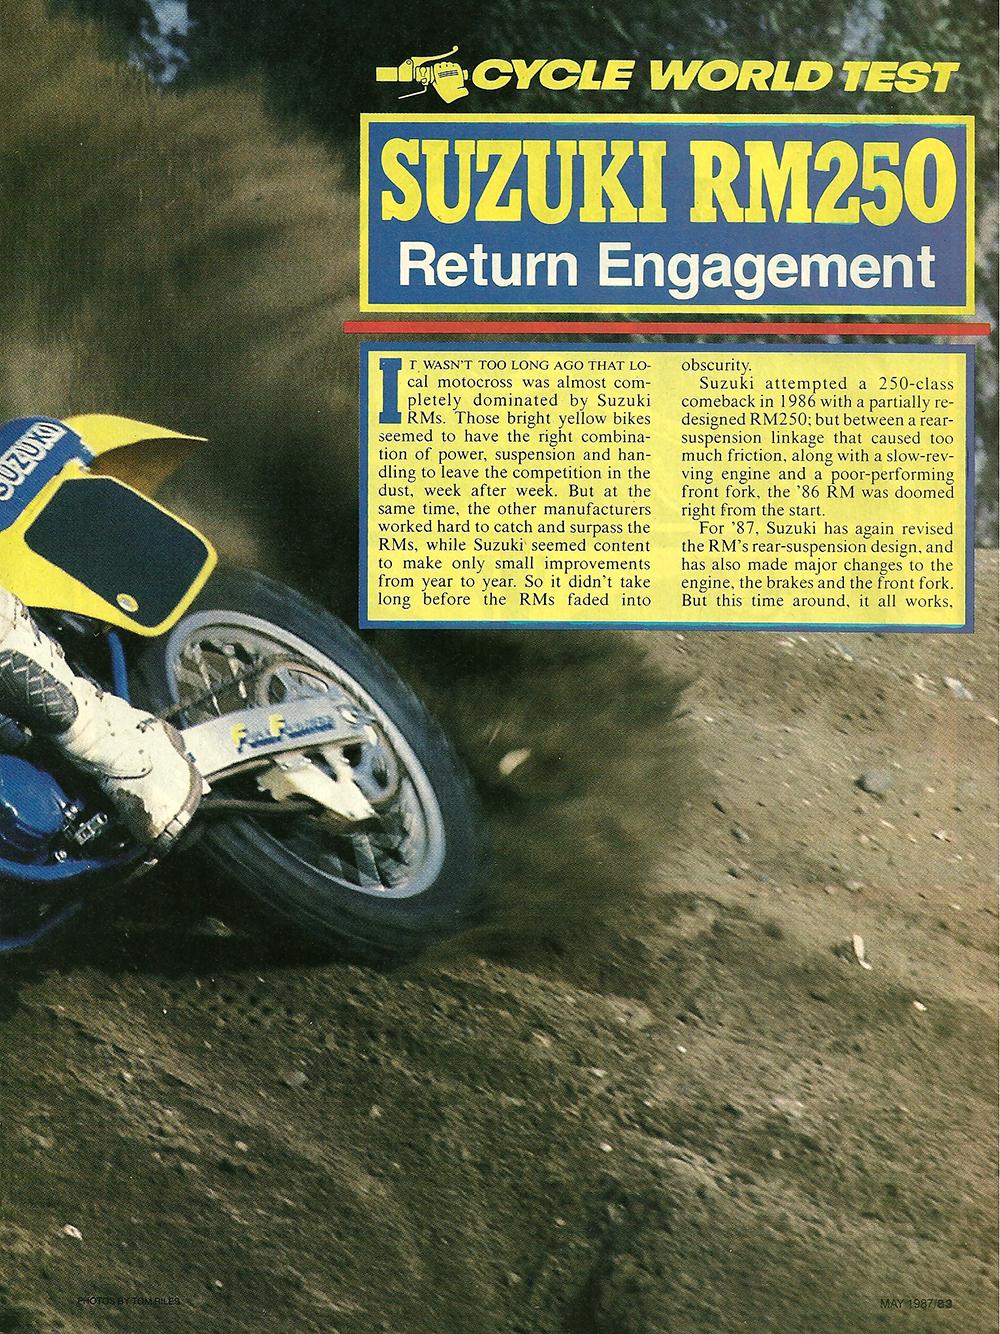 1987 Suzuki RM250 road test 02.jpg